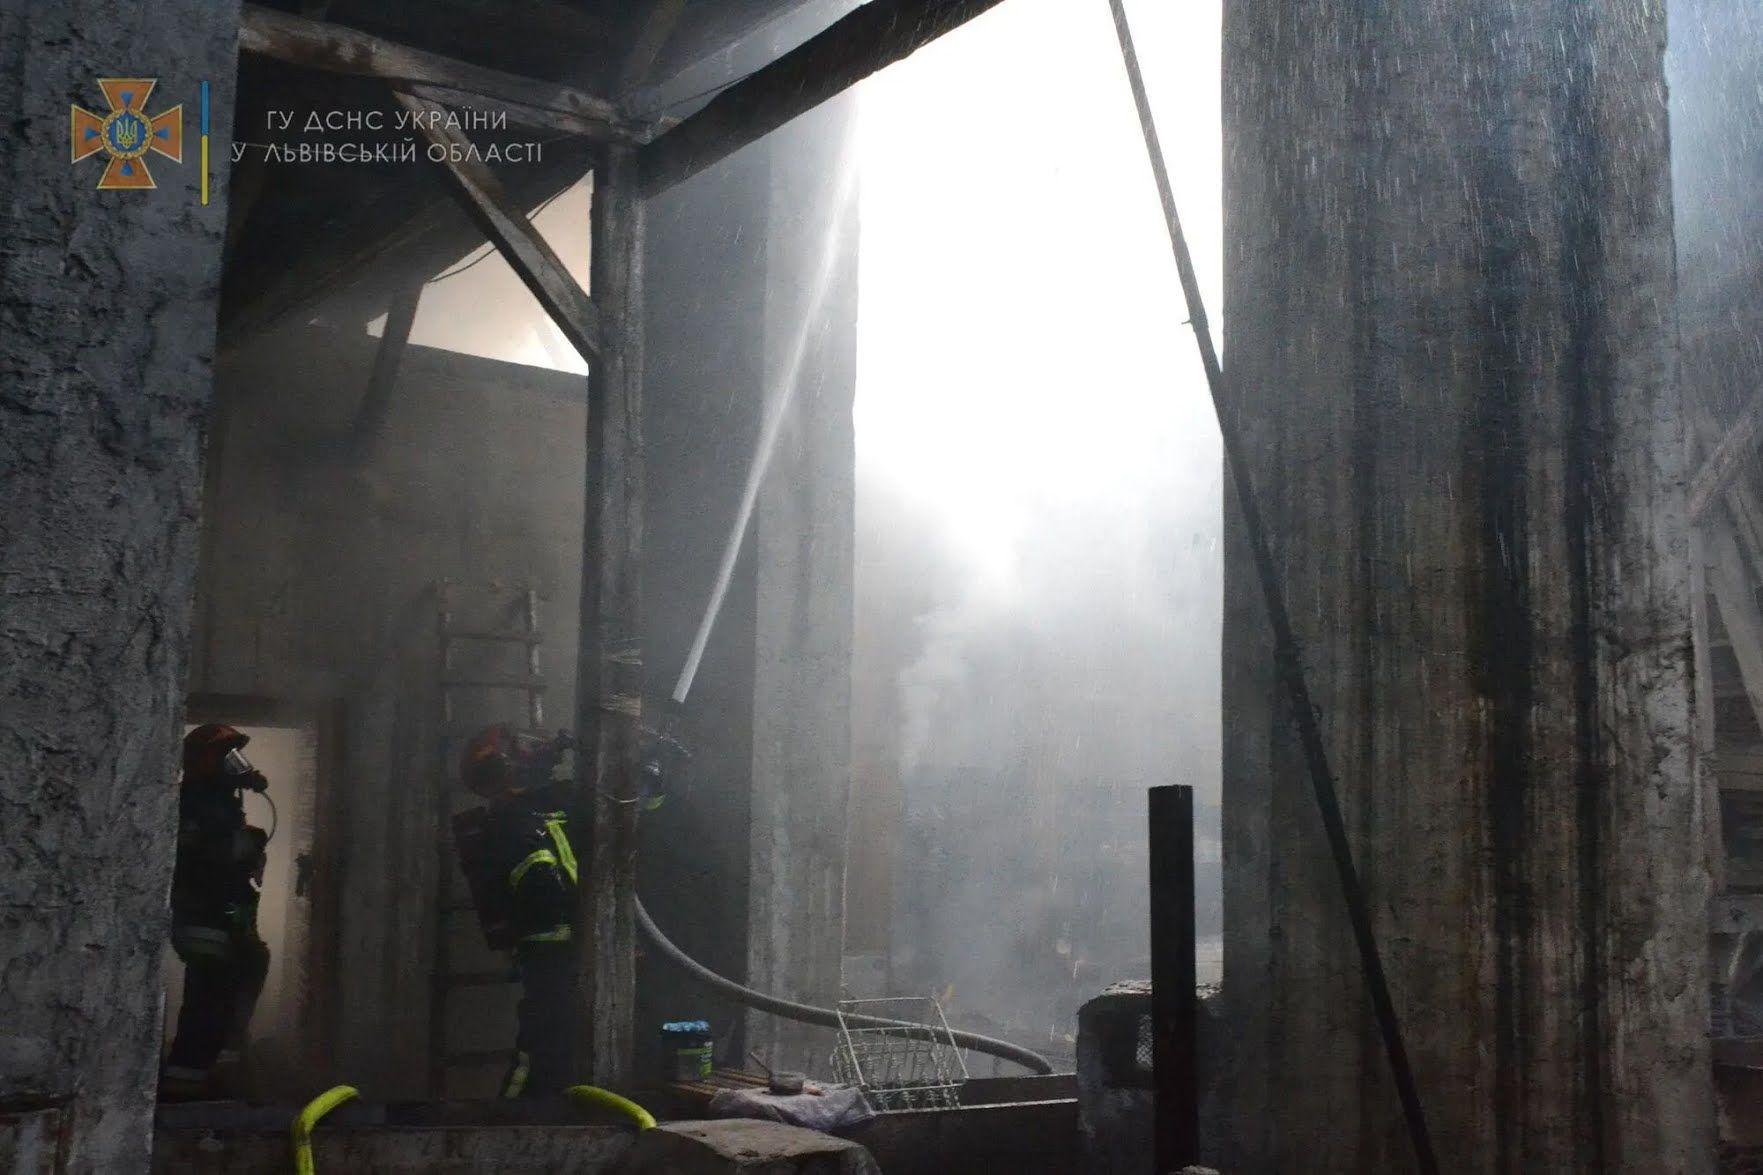 Рятувальники проникли в приміщення